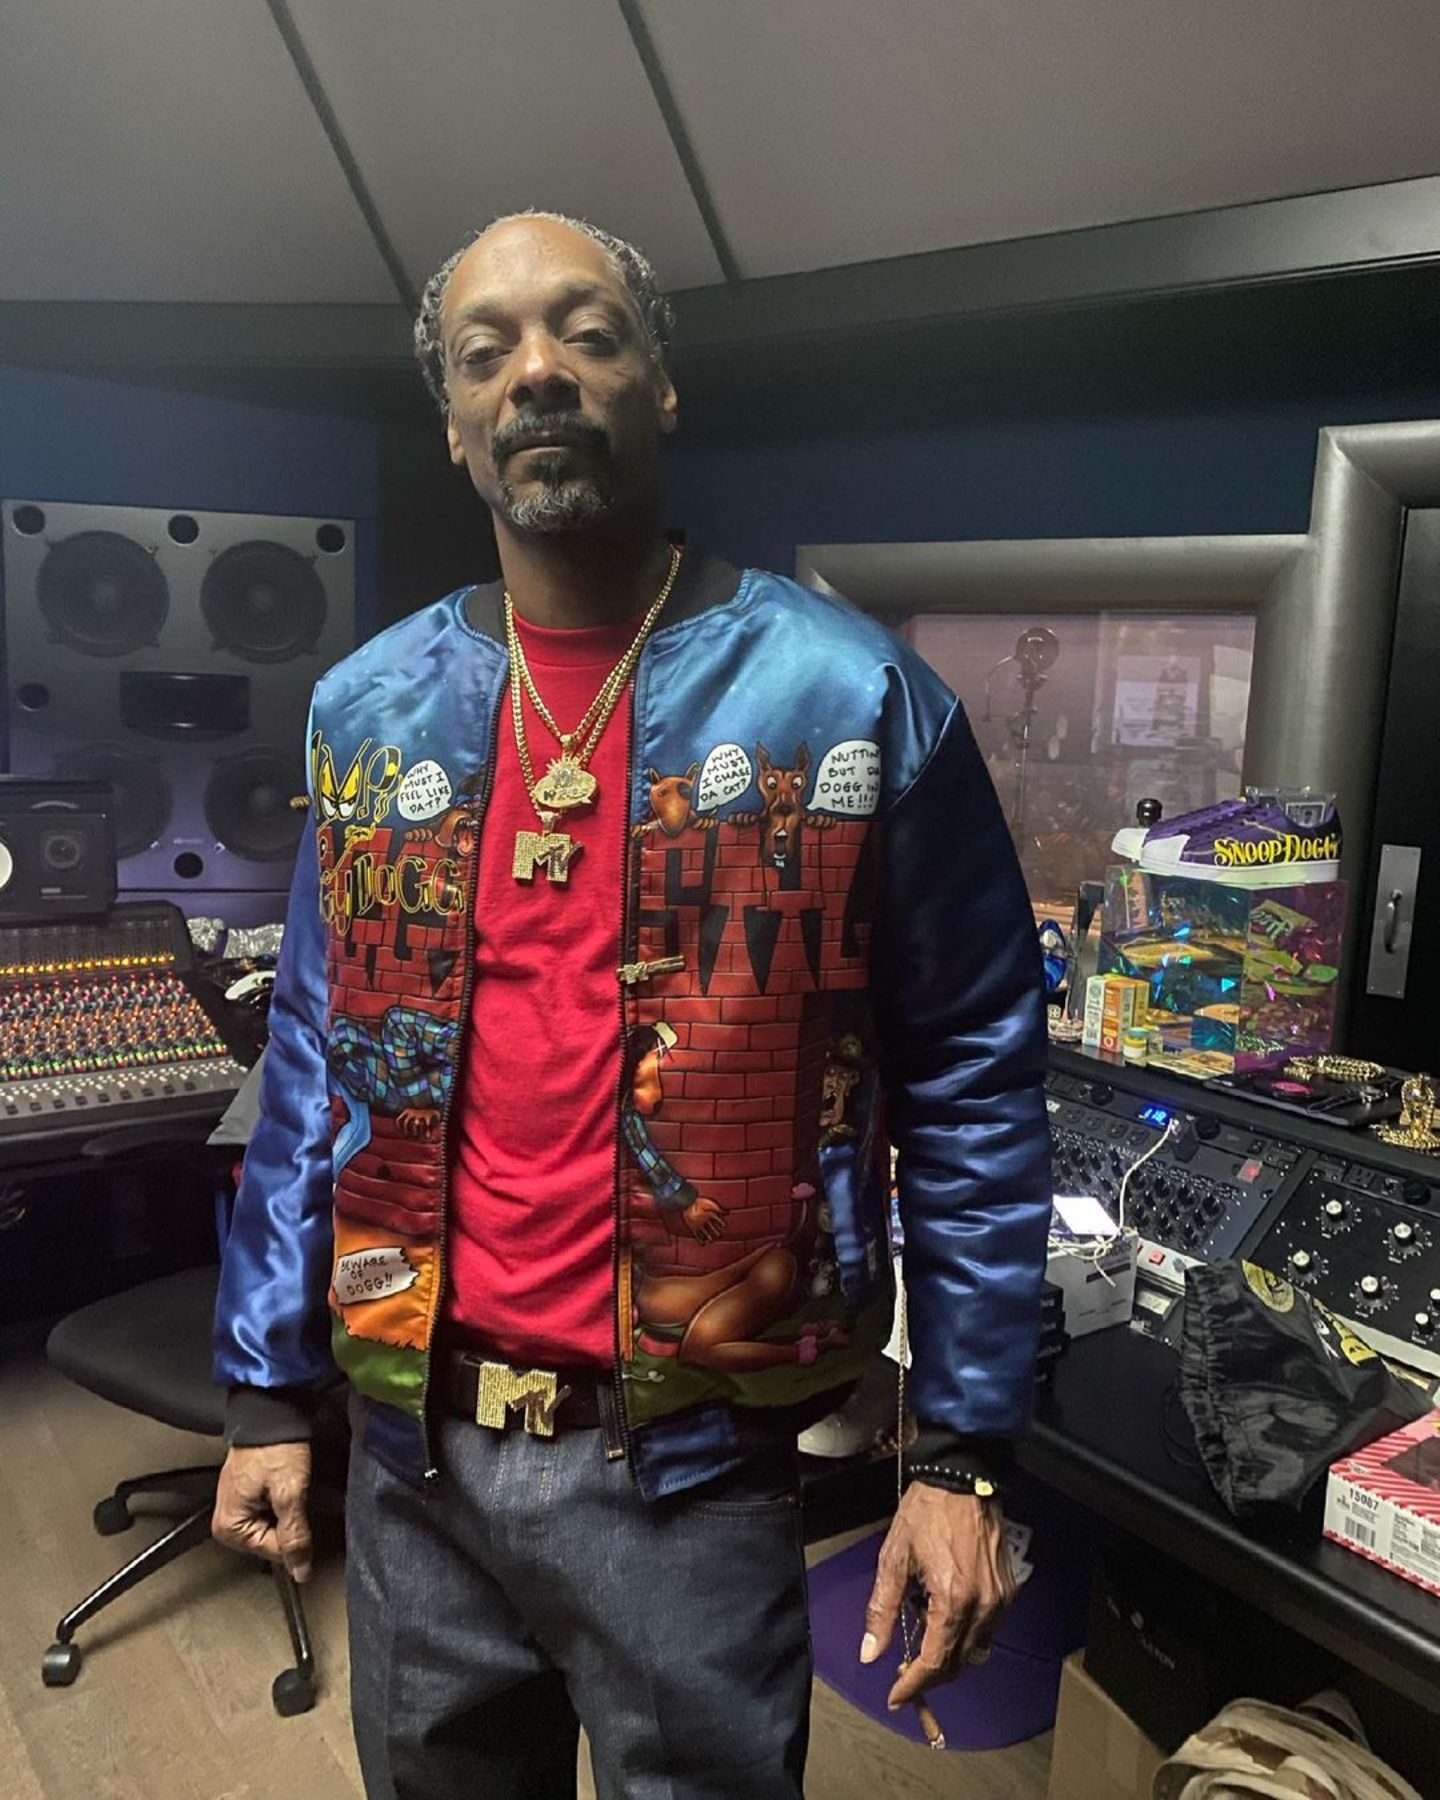 """Der Sänger Snoop Dogg schaut auf eine eindrucksvolle Musikkarierre zurück. Unzählige Top-Ten-Hits und ausverkaufte Tourneen – weltweit. Und auch heute noch macht der 49-Jährige Musik, wie dieser Schnappschuss aus seinem Tonstudio beweist. Eigentlich alles wie immer, oder? Nicht ganz. Die grauen Haare im Bart und auf dem Kopf verraten dann doch, dass seit Hits wie""""Still D.R.E"""" einige Jahre vergangen sind."""